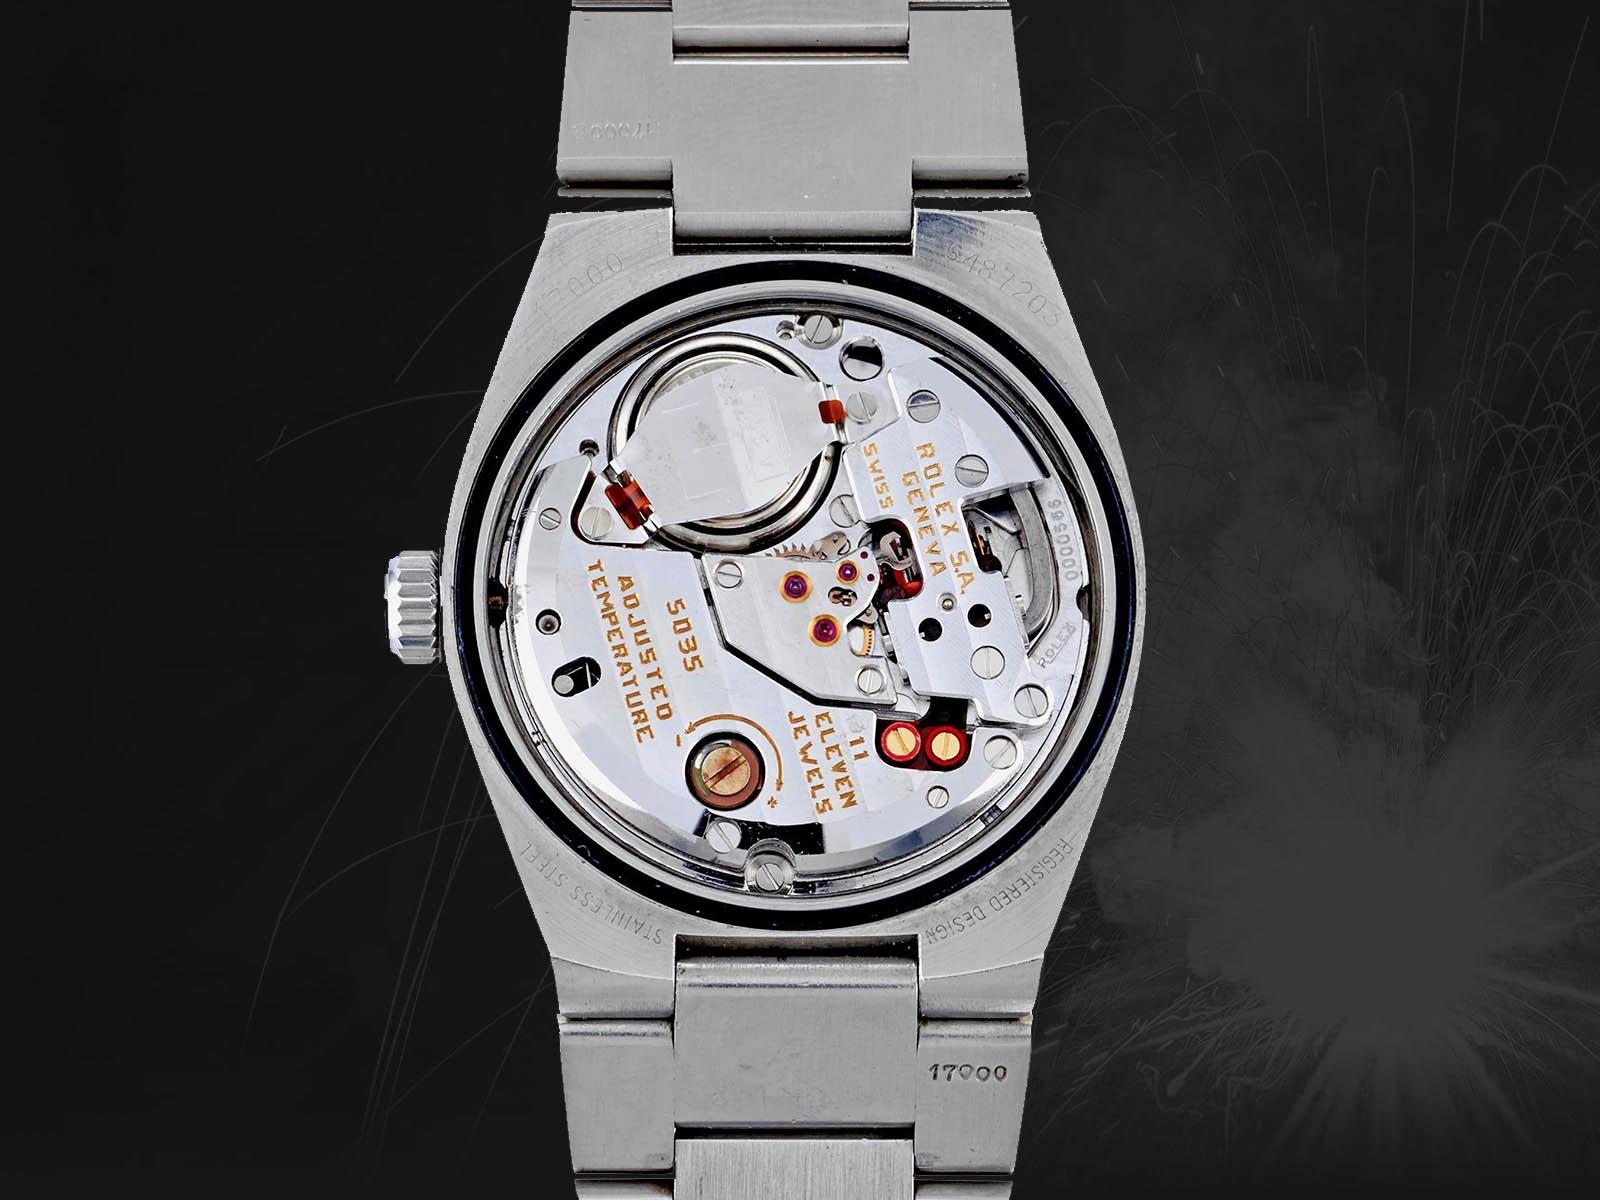 quartz-watches-12.jpg